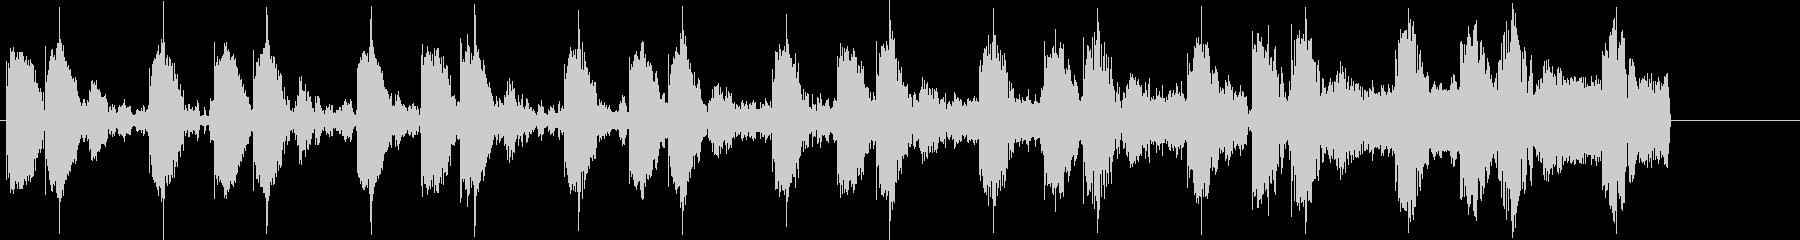 ドラムマシーンを使用した怪しい雰囲気の曲の未再生の波形